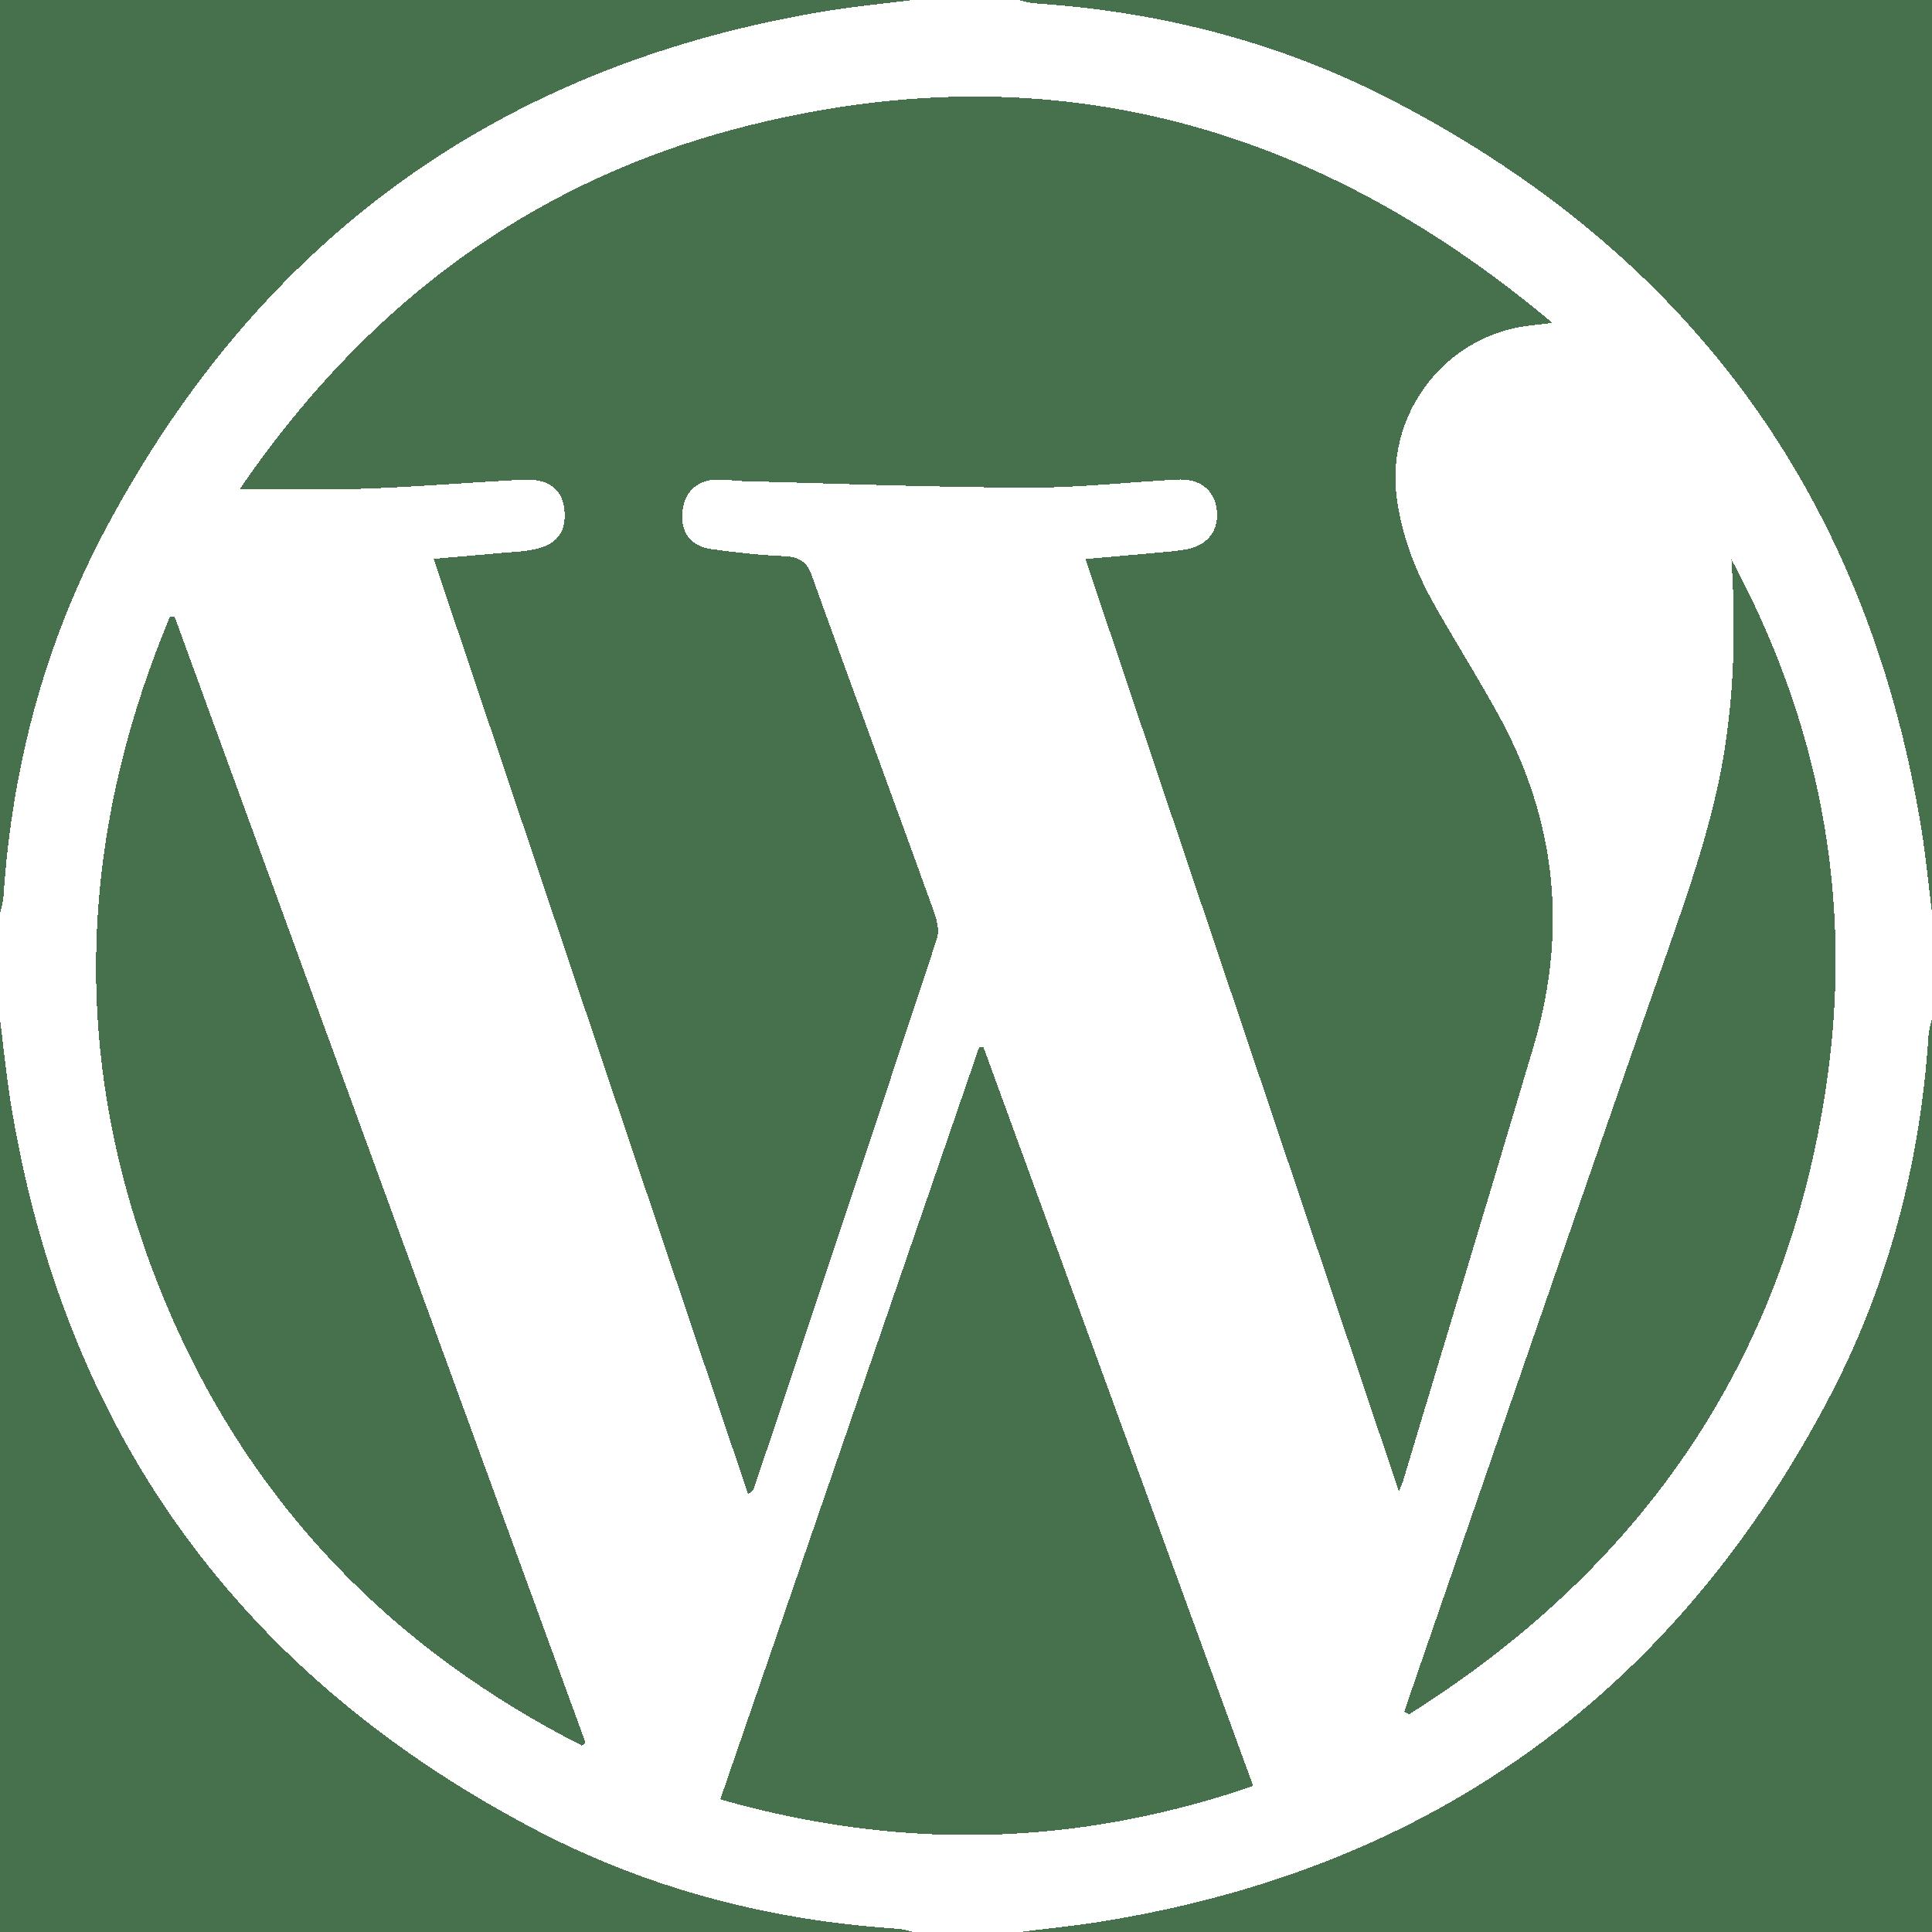 Icone wordpress_Plan de travail 1 copie